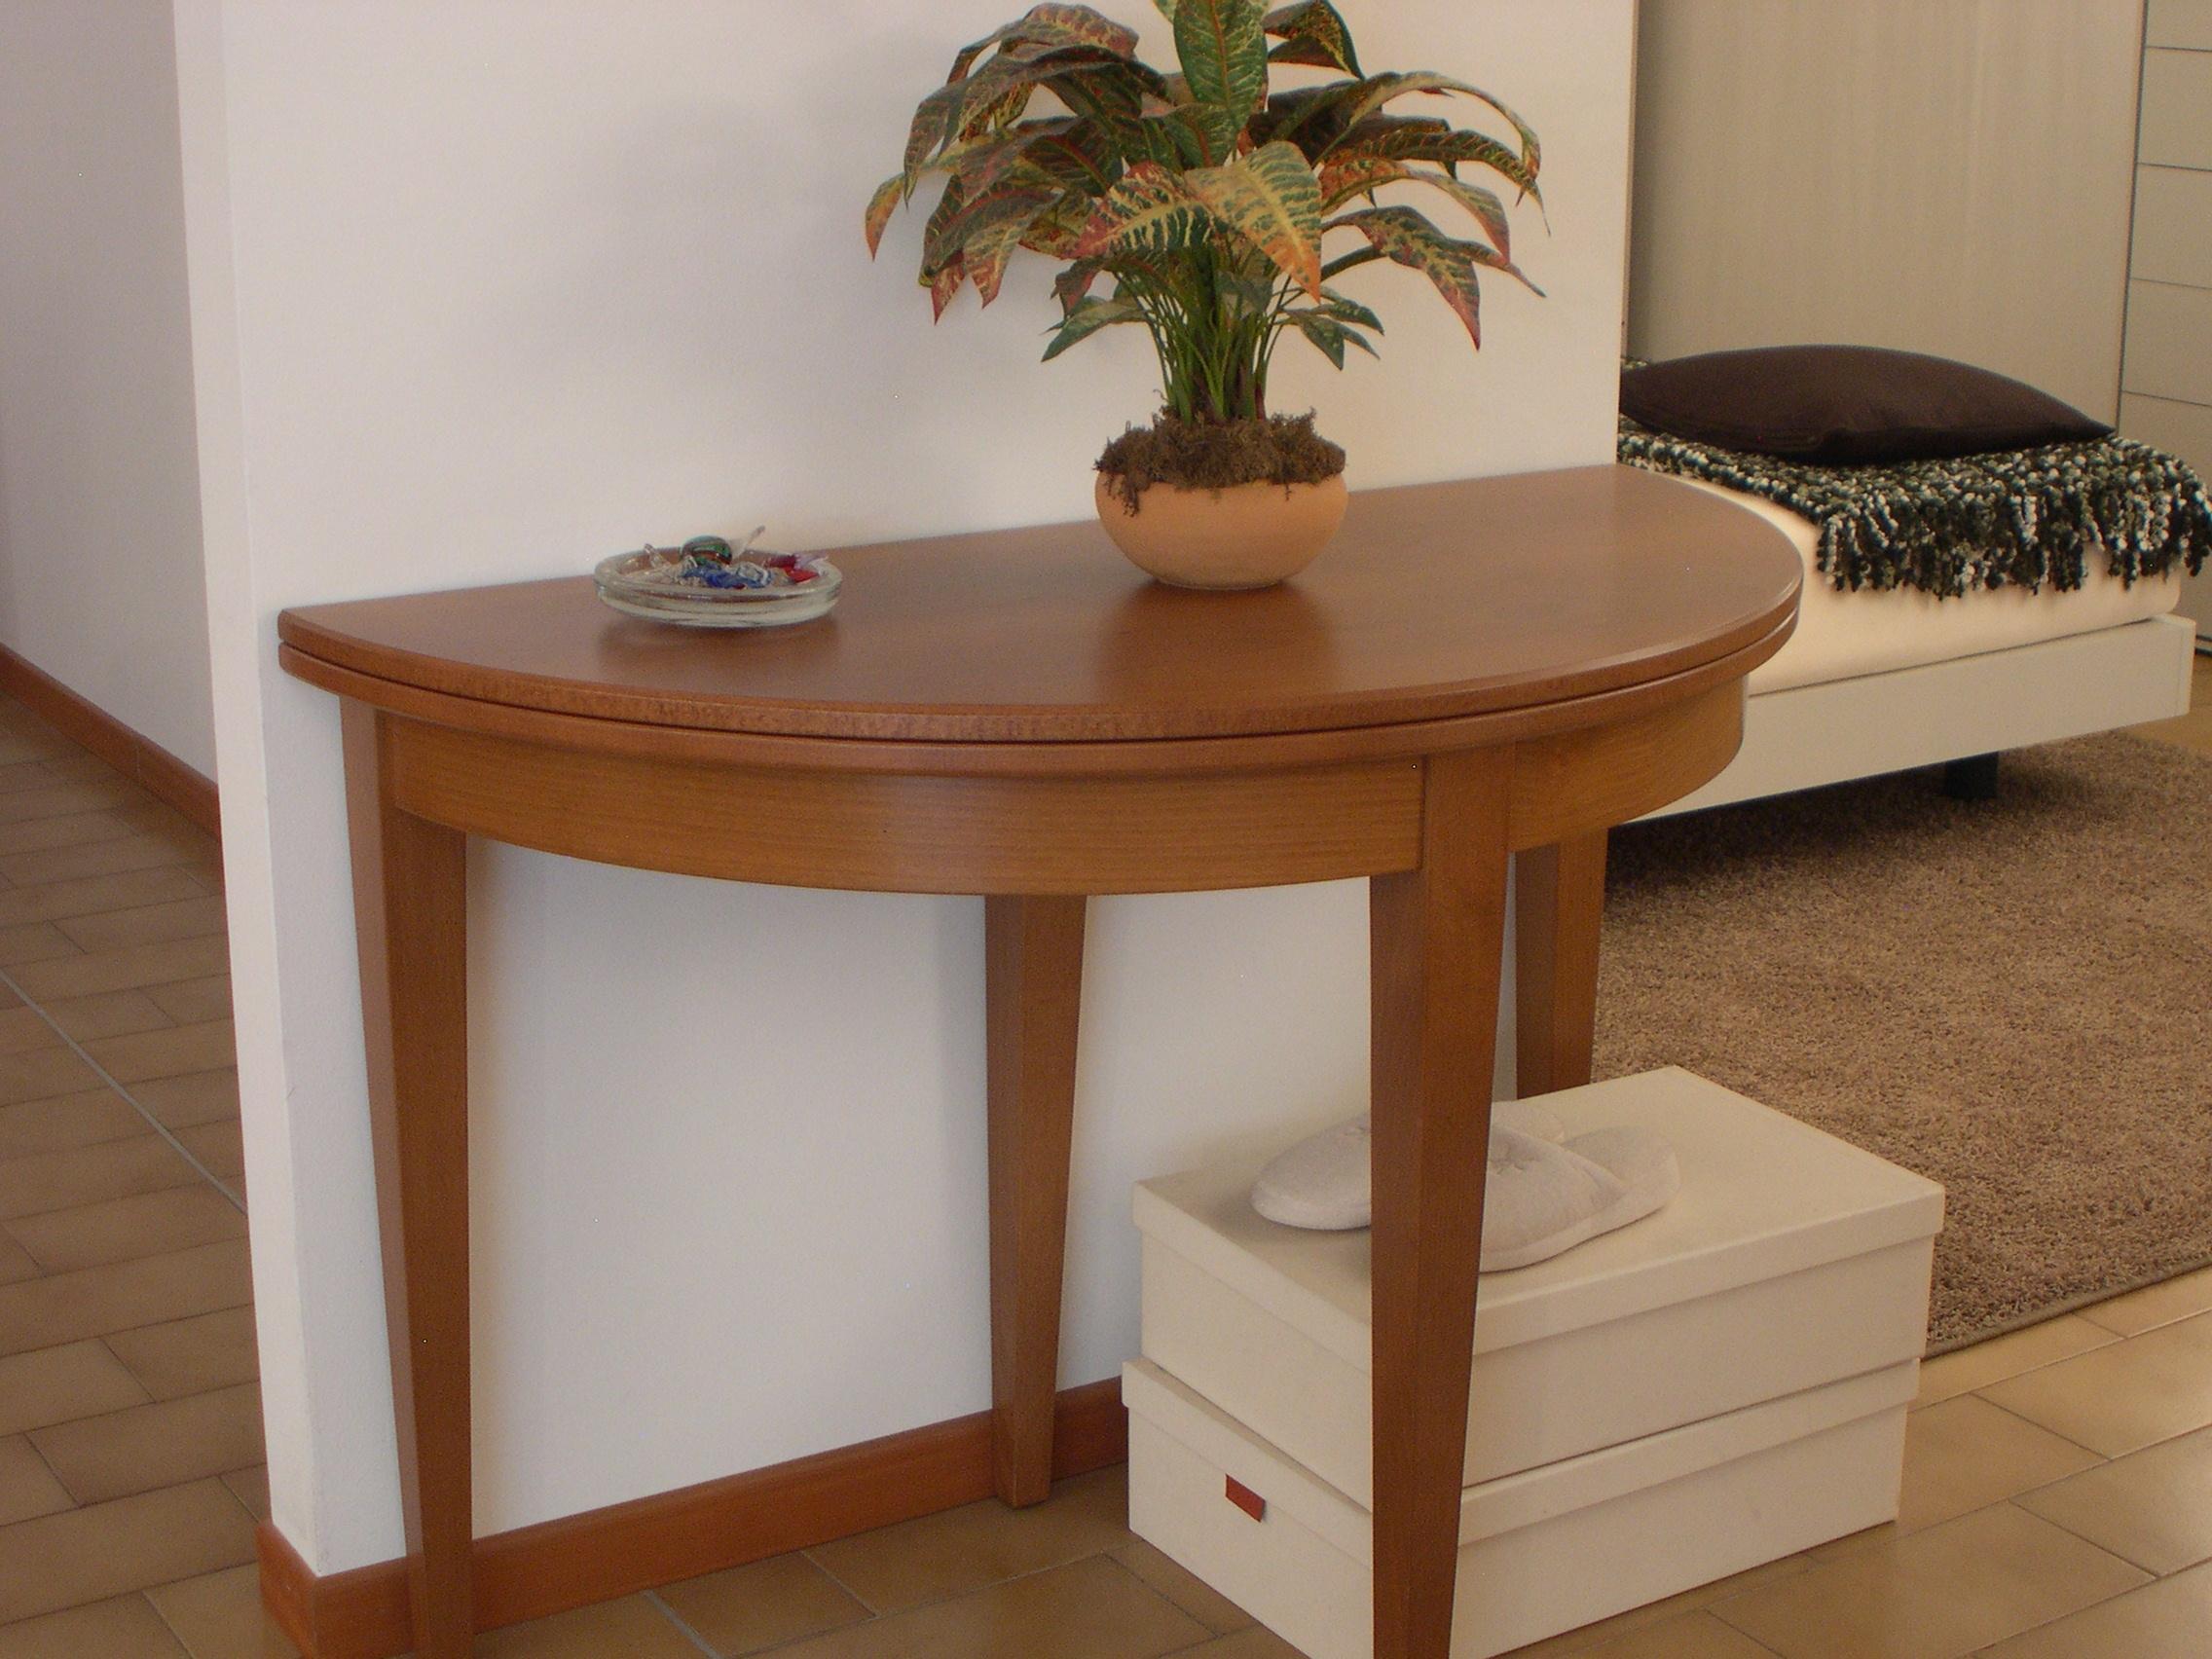 Consolle semicerchio calligaris tavoli a prezzi scontati - Ikea tavolo consolle ...